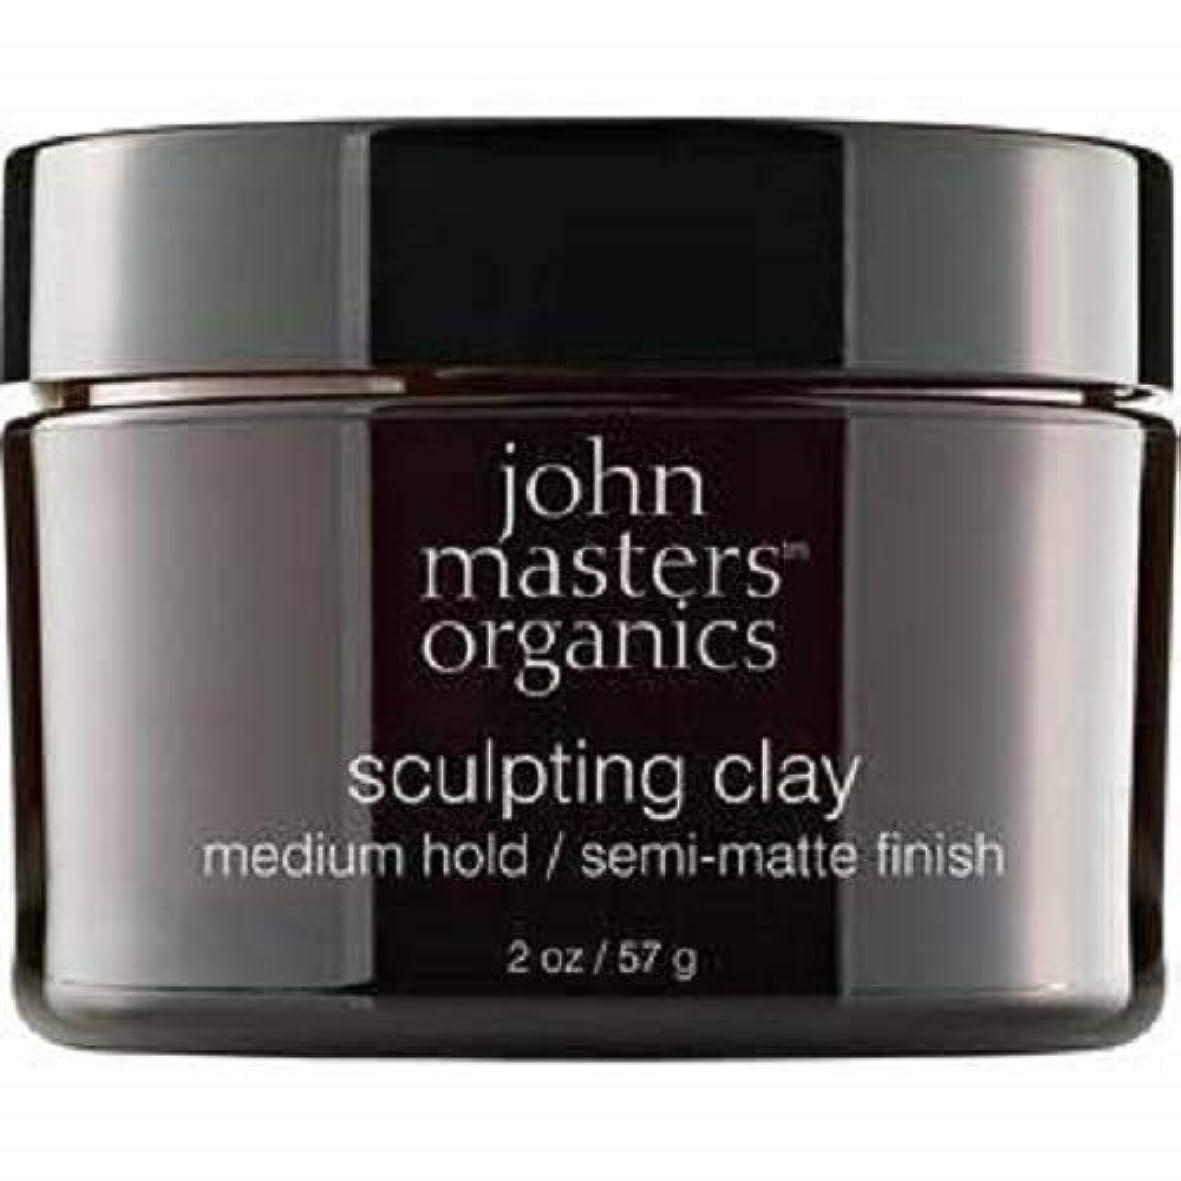 ヤギする必要がある学部長John Masters Organics Sculpting Clay medium hold / semi-matt finish 2 OZ,57 g